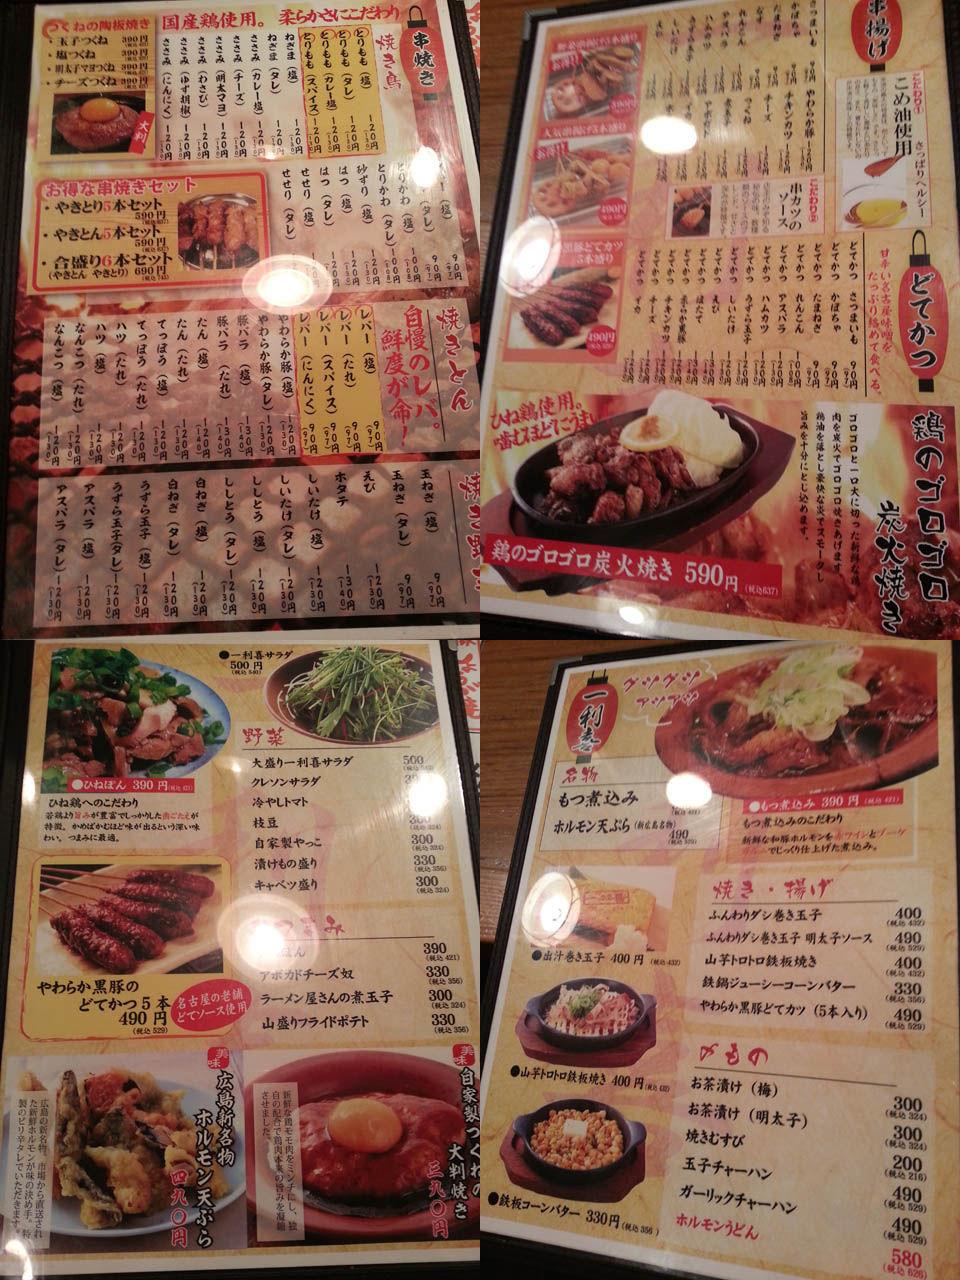 ichiriki_017.jpg